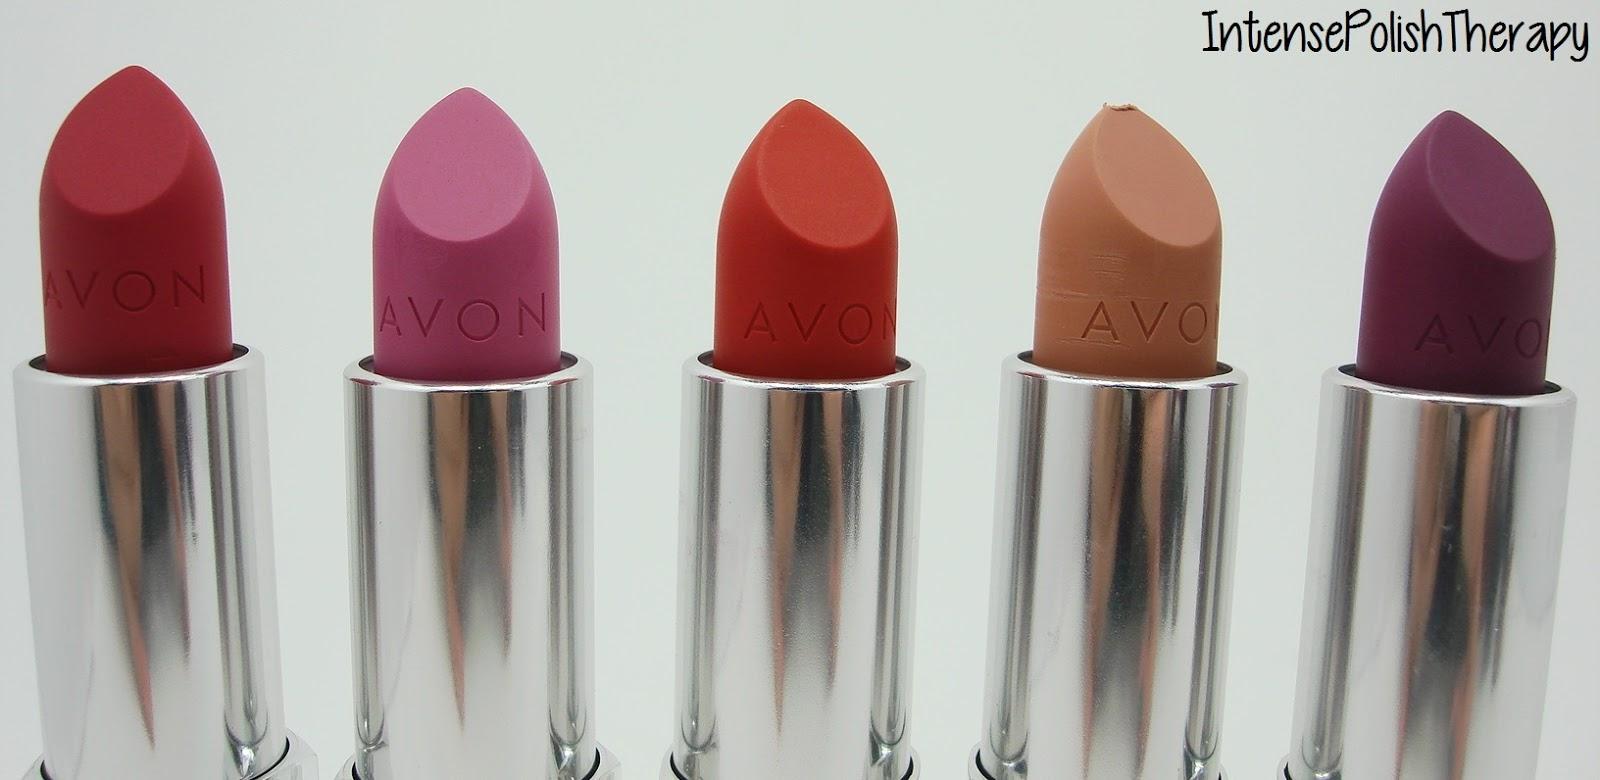 Intense Polish Therapy Avon Perfectly Matte Lipstick